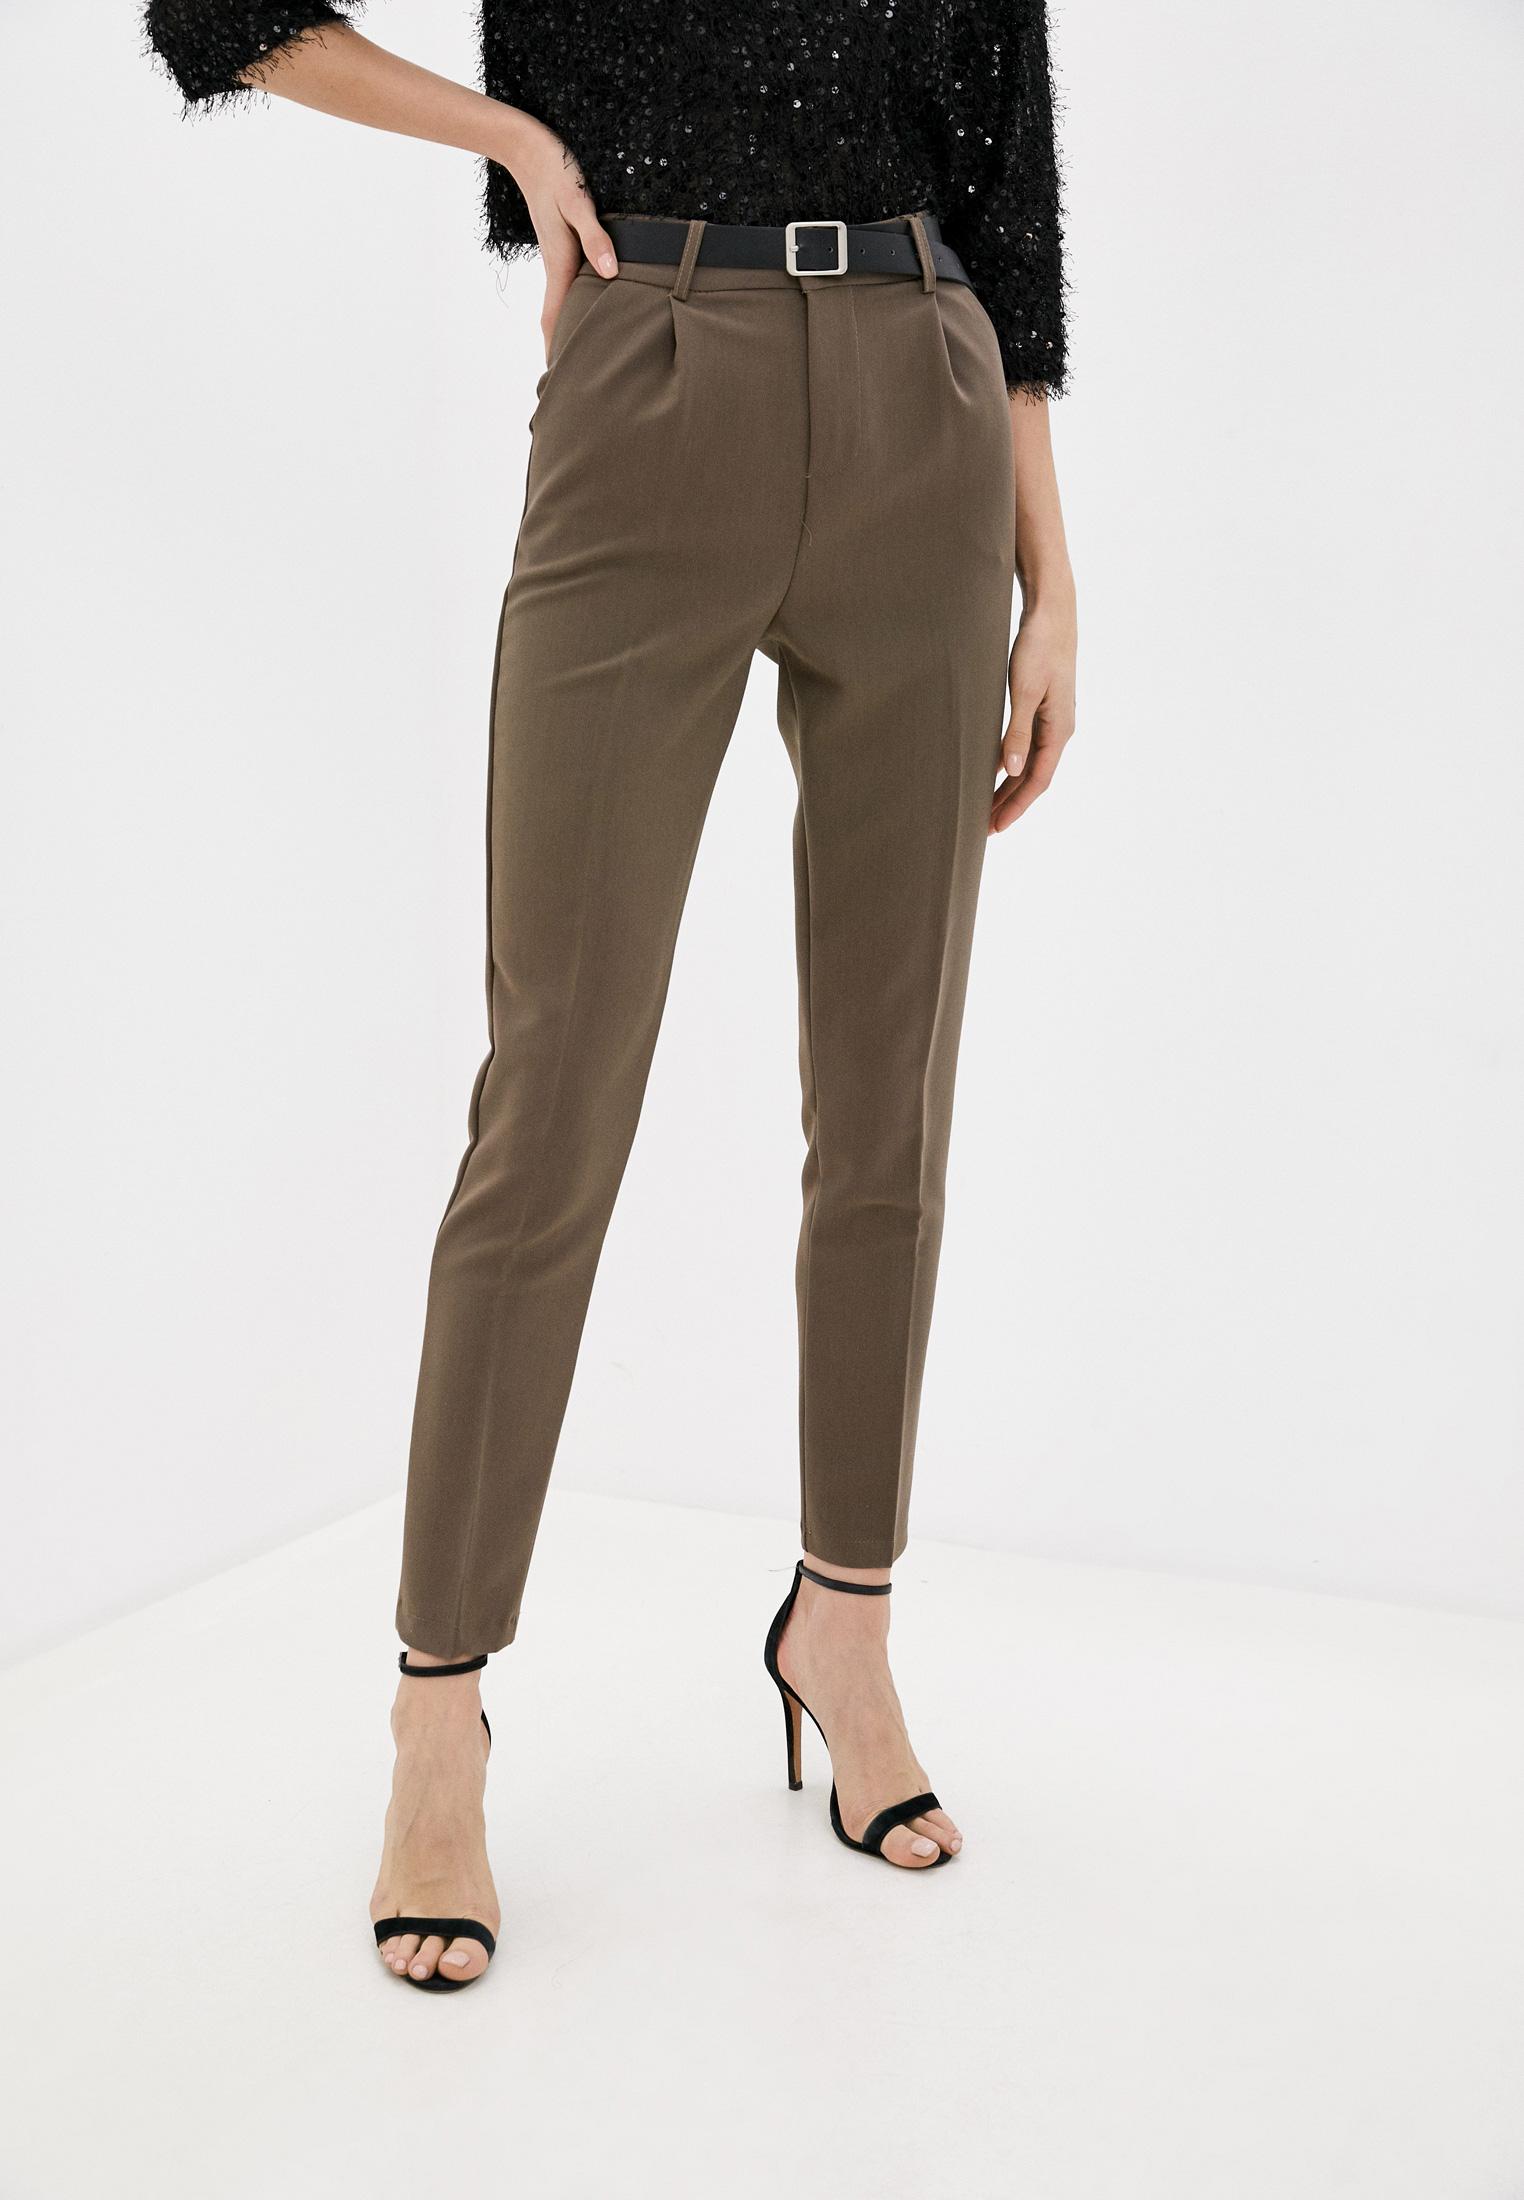 Женские классические брюки Moki Брюки Moki